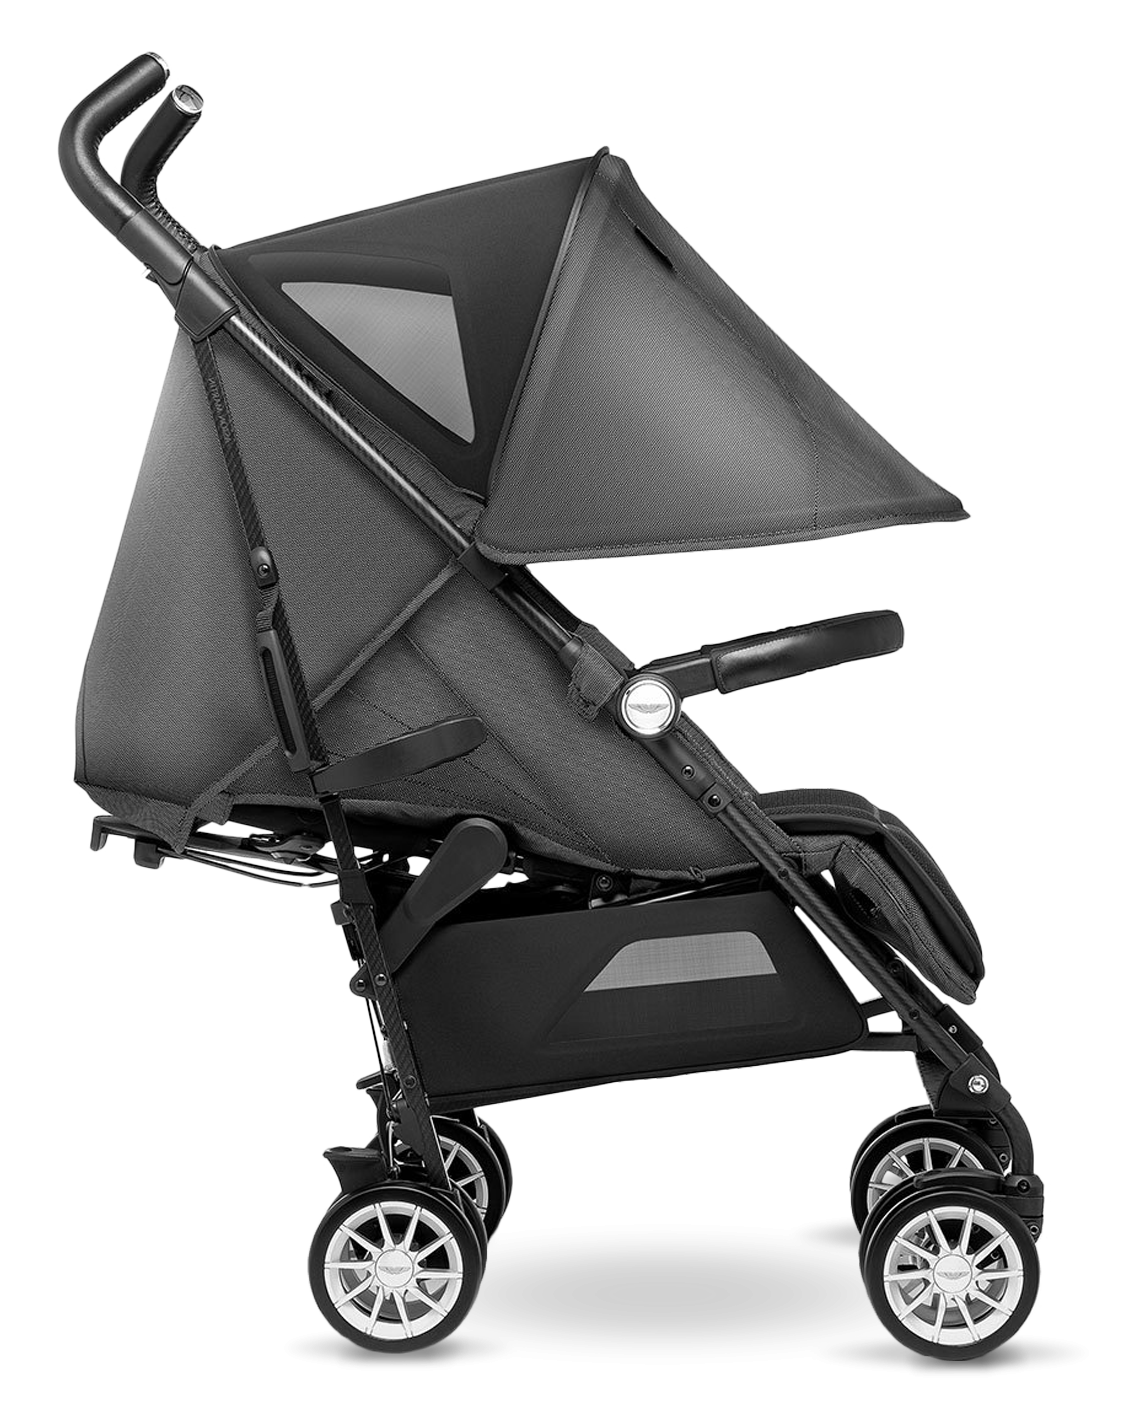 коляска трость Silver Cross Reflex Aston Martin купить легкая черная коляска для детей с рождения и до 25 кг официальный сайт Silver Cross